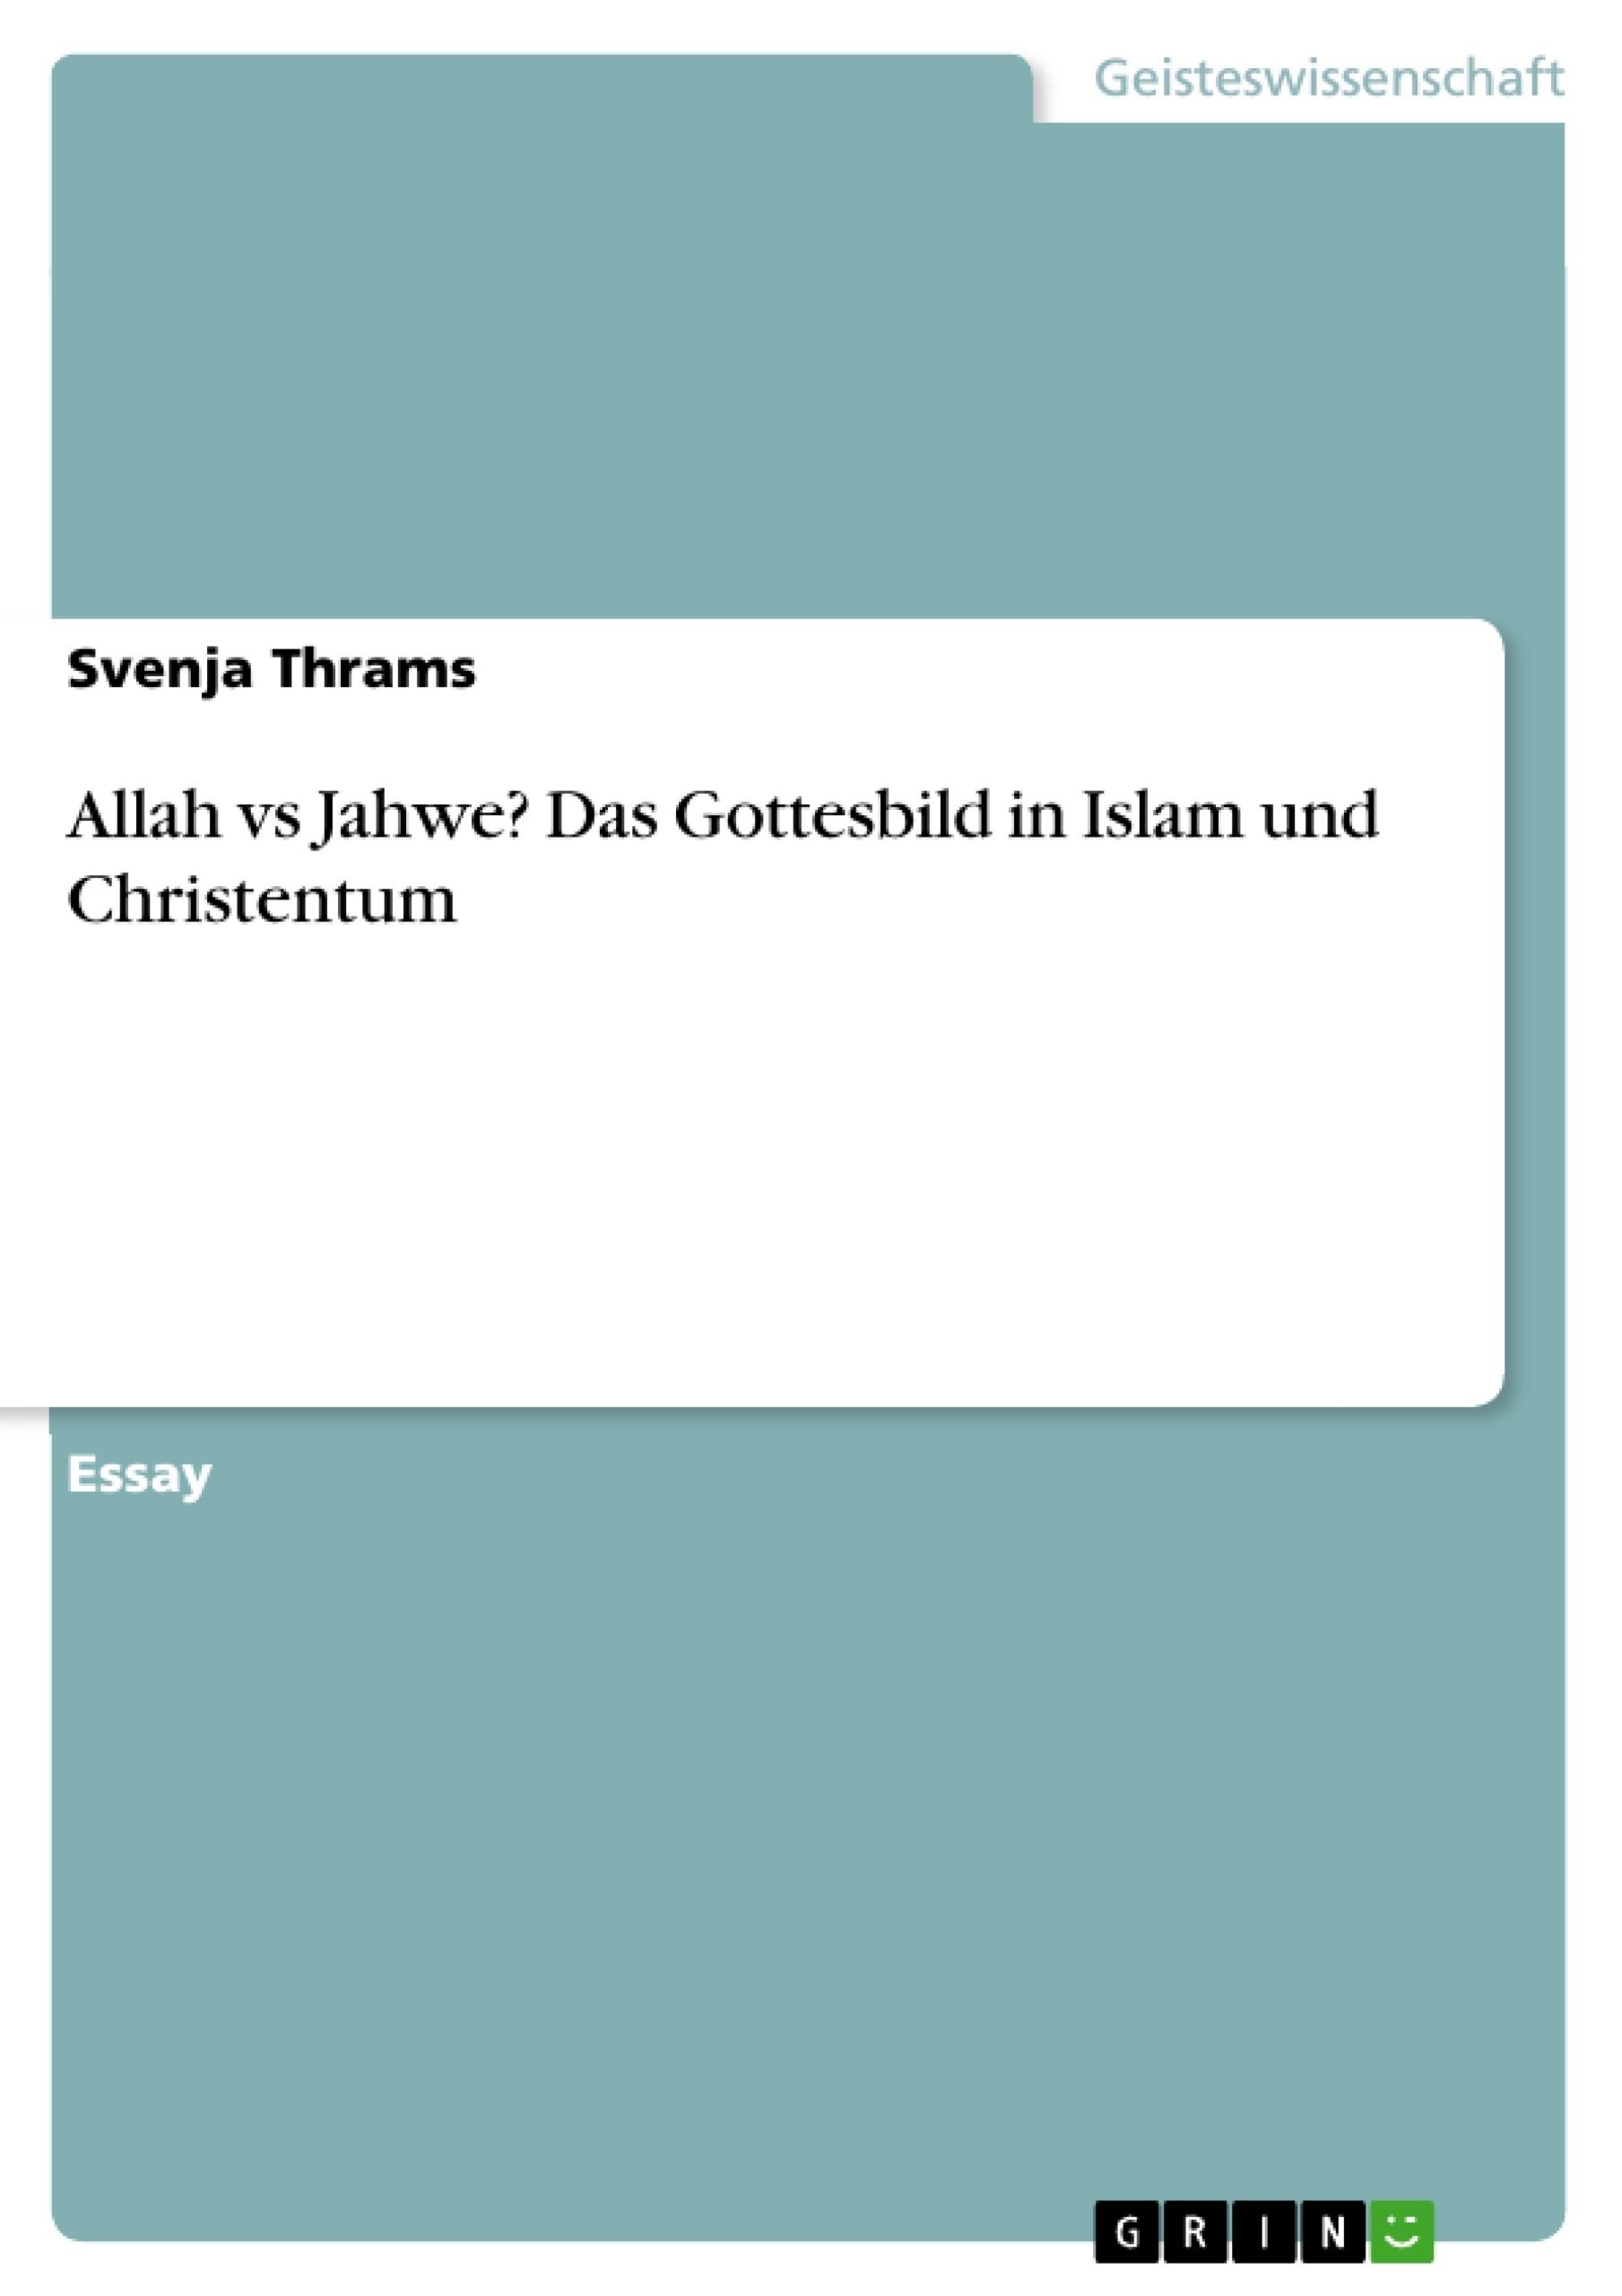 Titel: Allah vs Jahwe? Das Gottesbild in Islam und Christentum